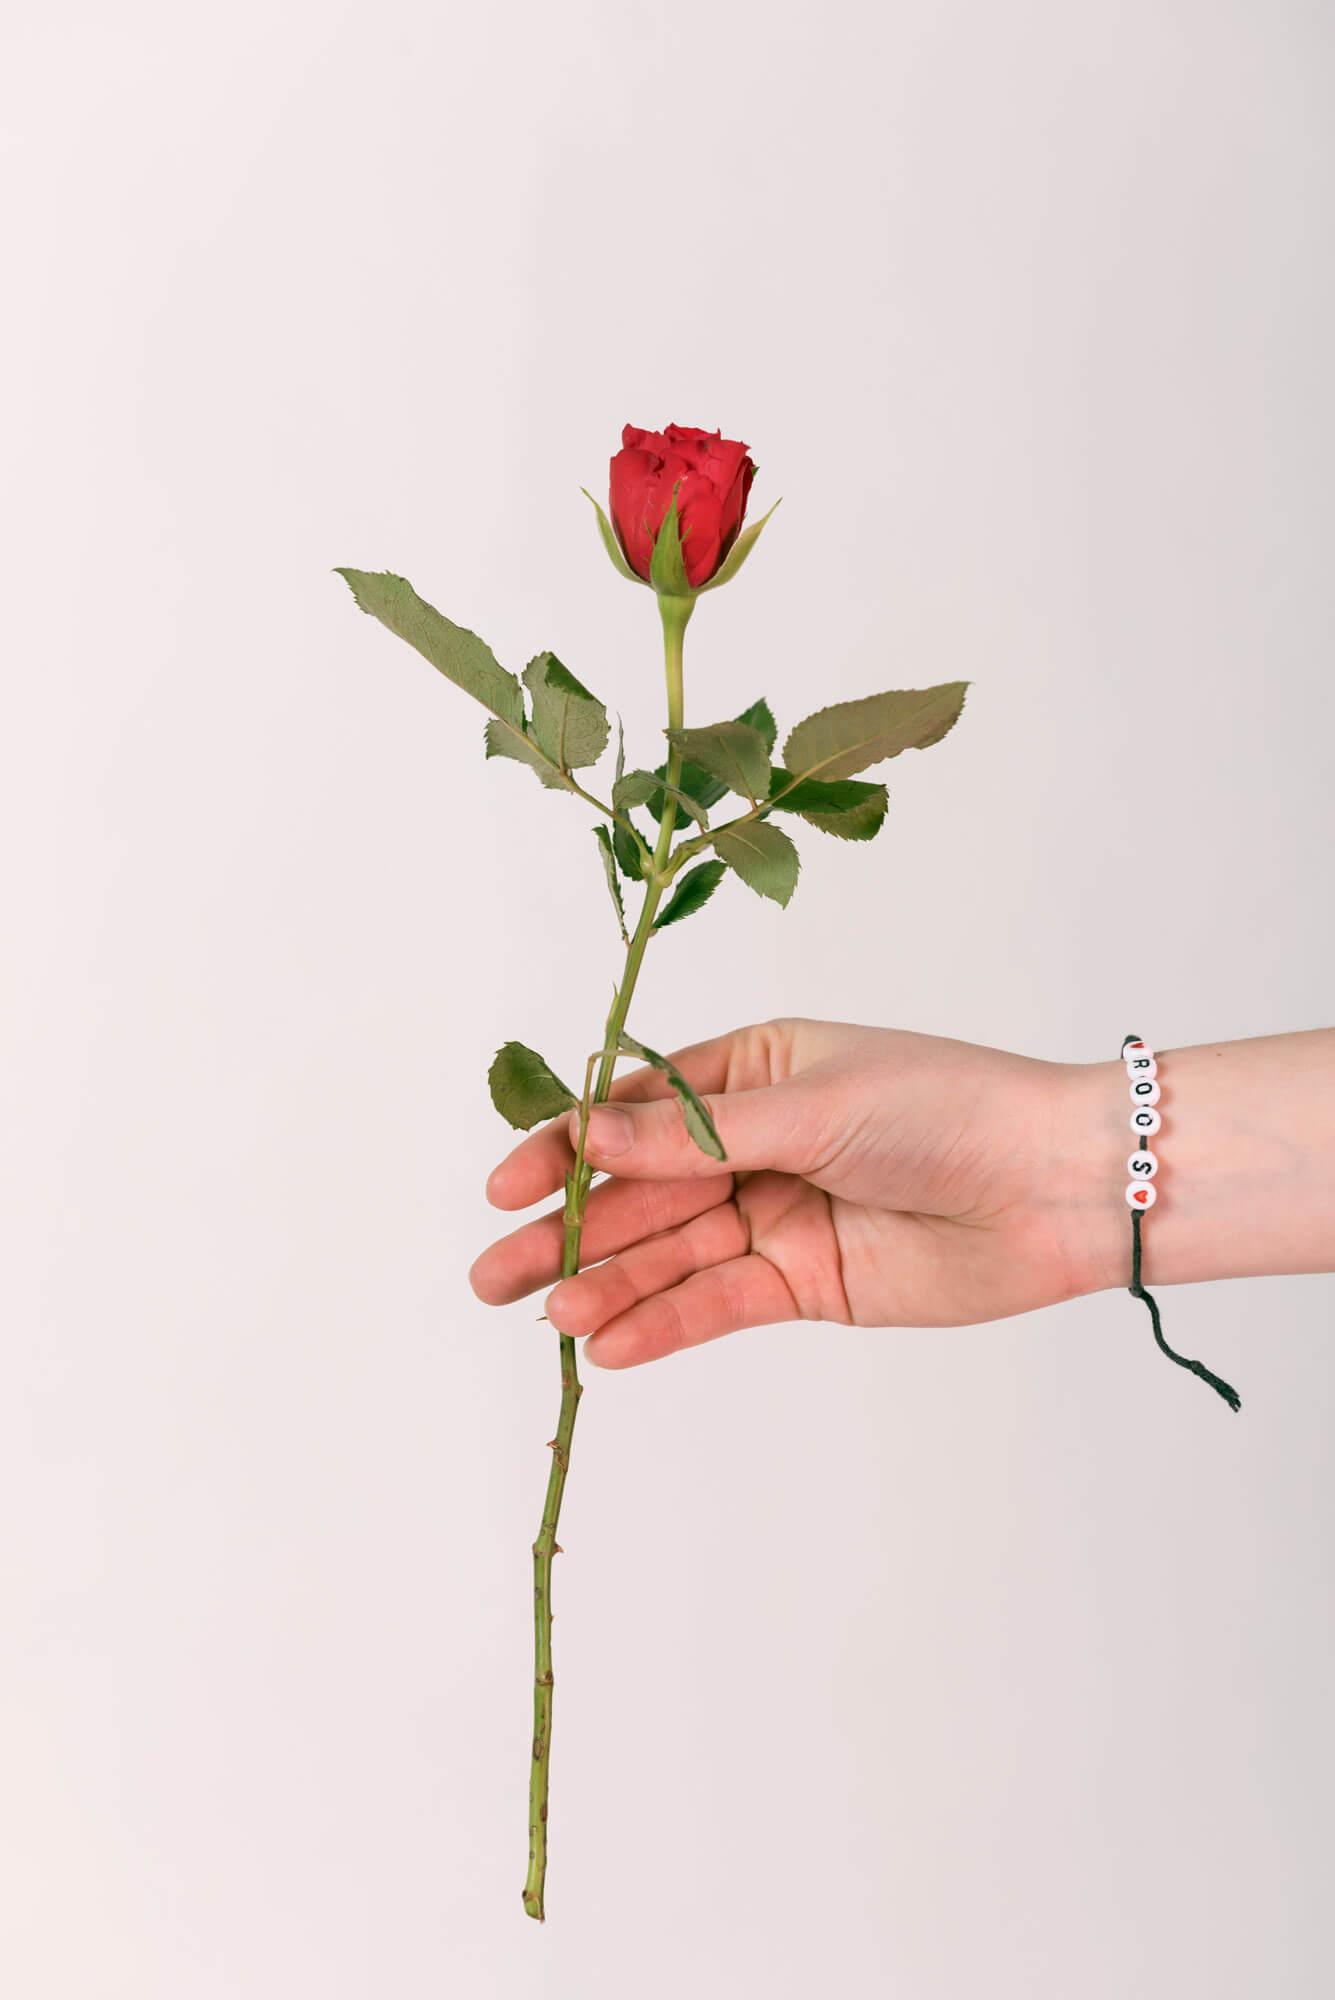 Rosan haar hand en een rode roos